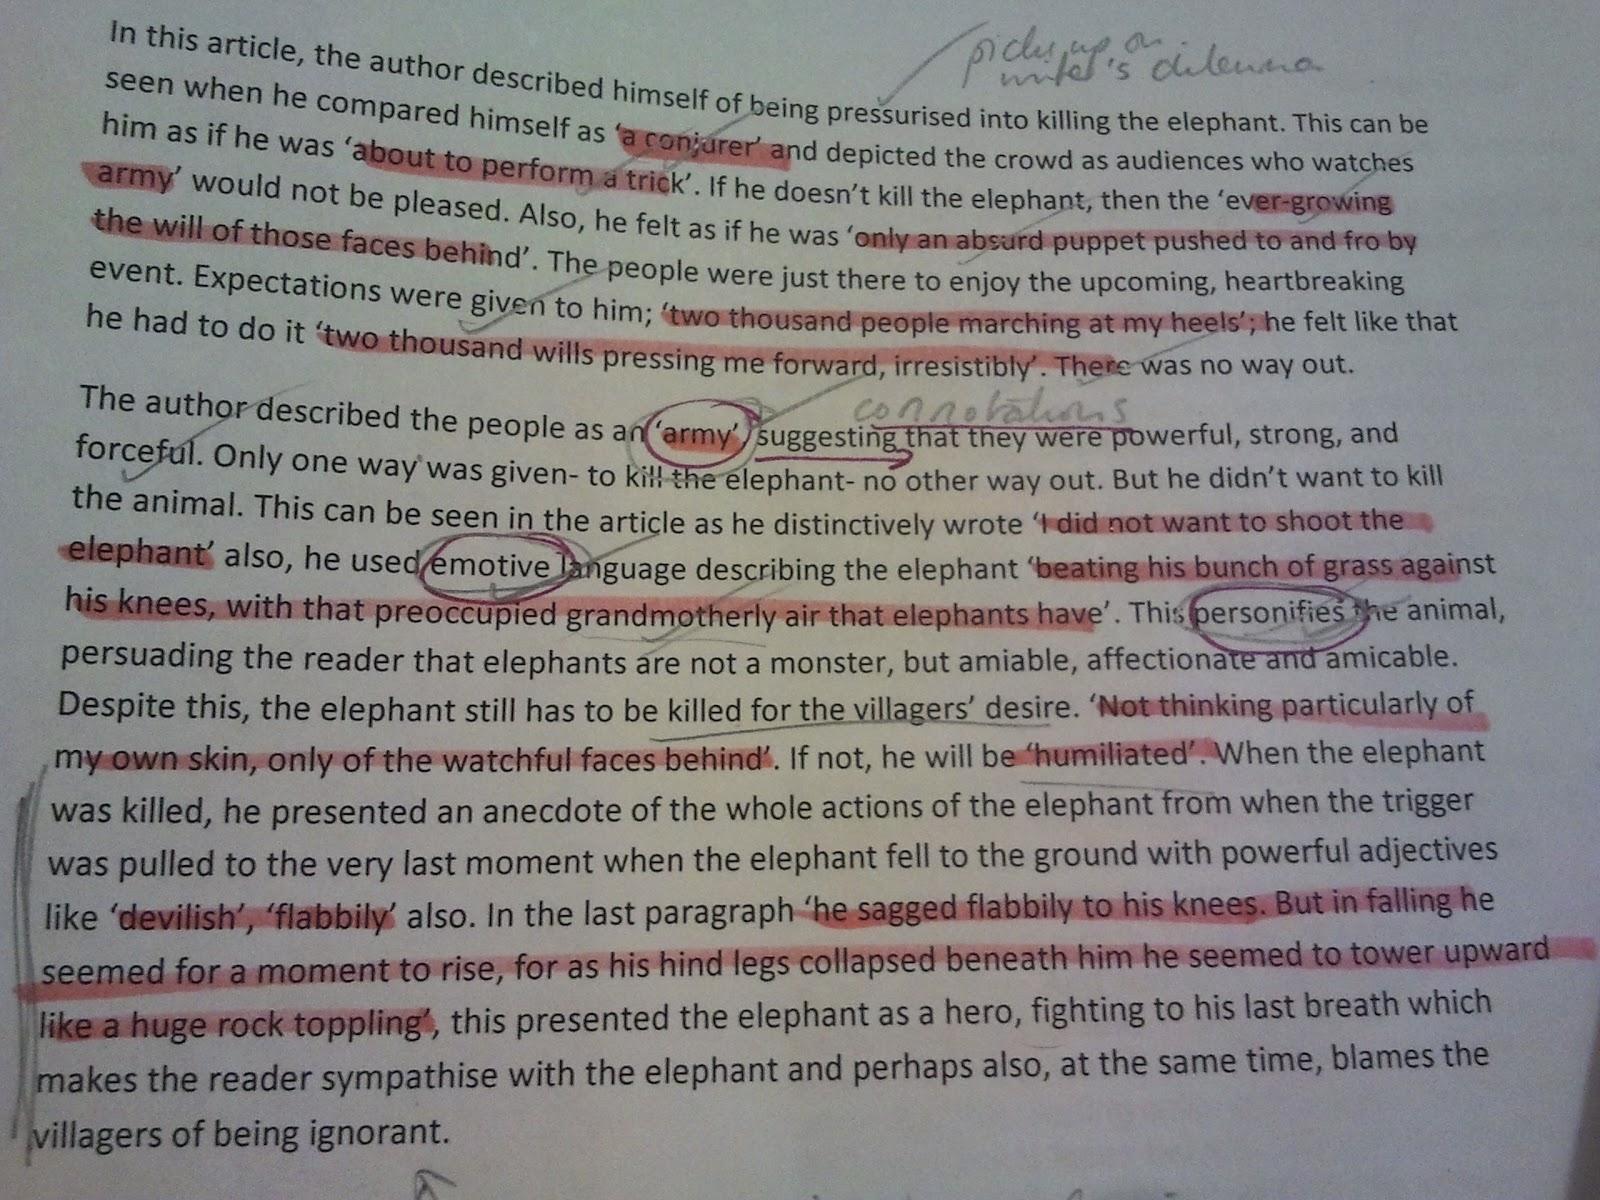 Gcse english descriptive writing coursework